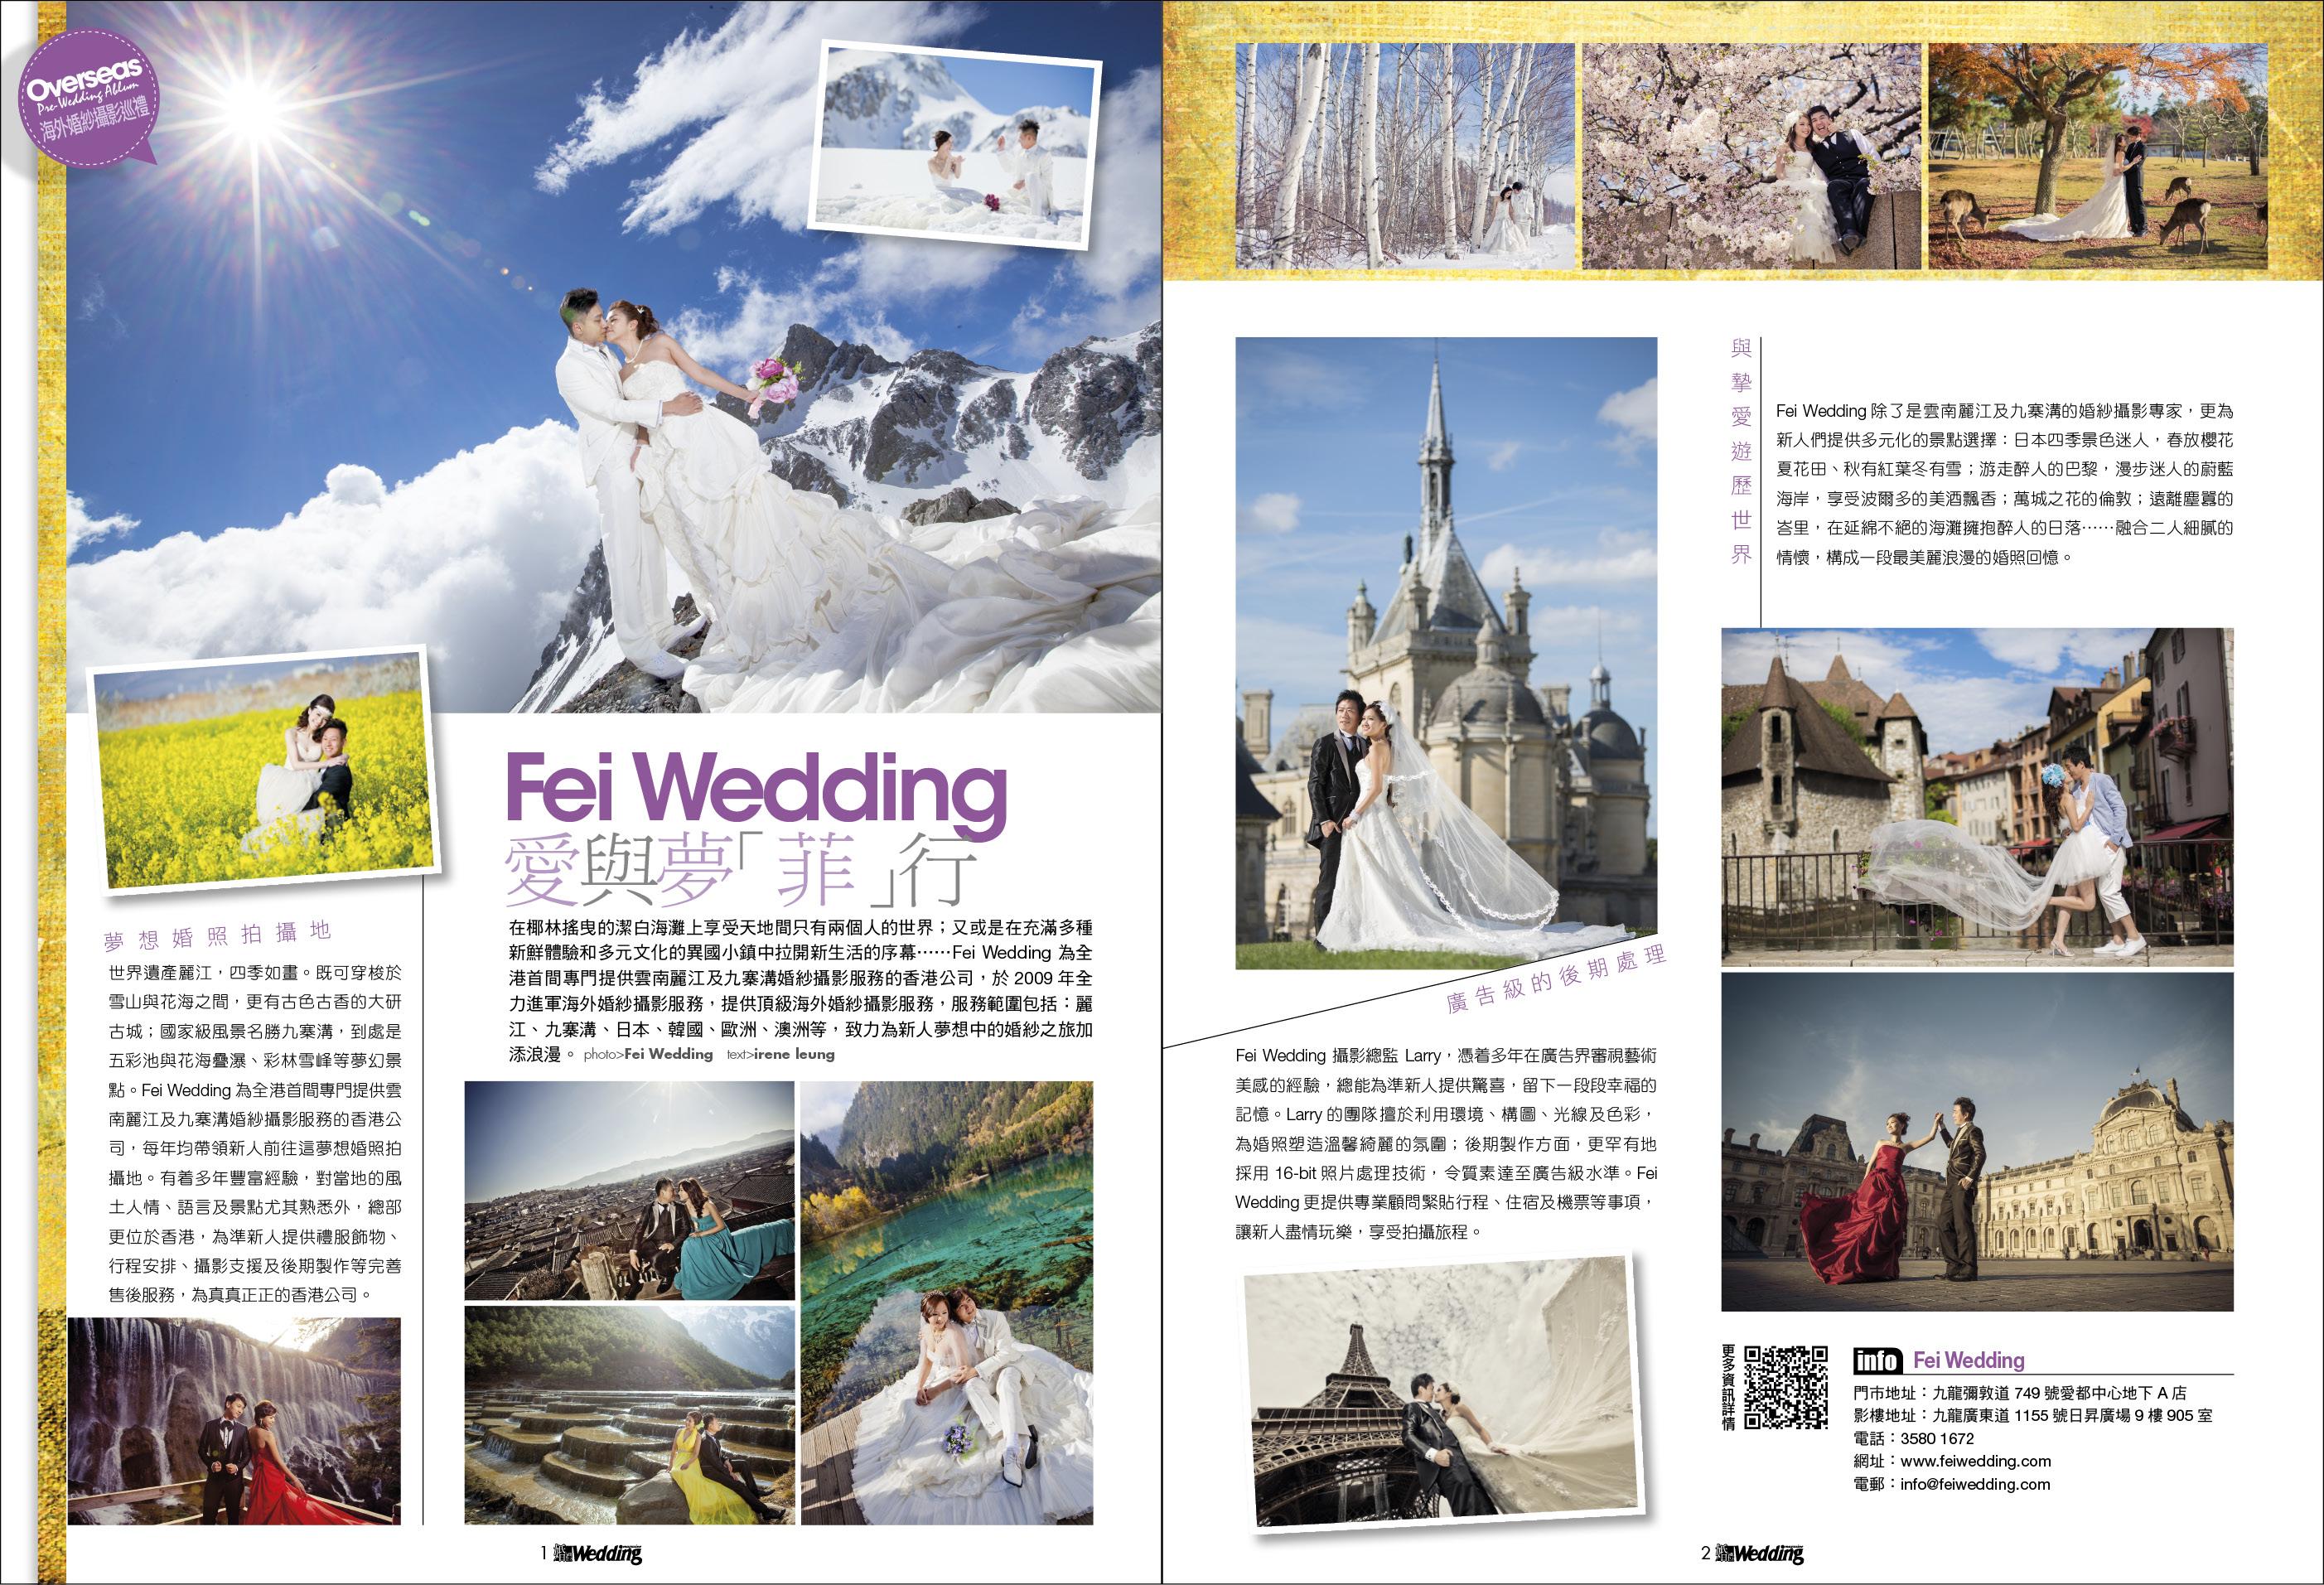 Fei Wedding 愛與夢「菲」行 - 海外婚紗攝影巡禮 (婚禮雜誌 No.157)